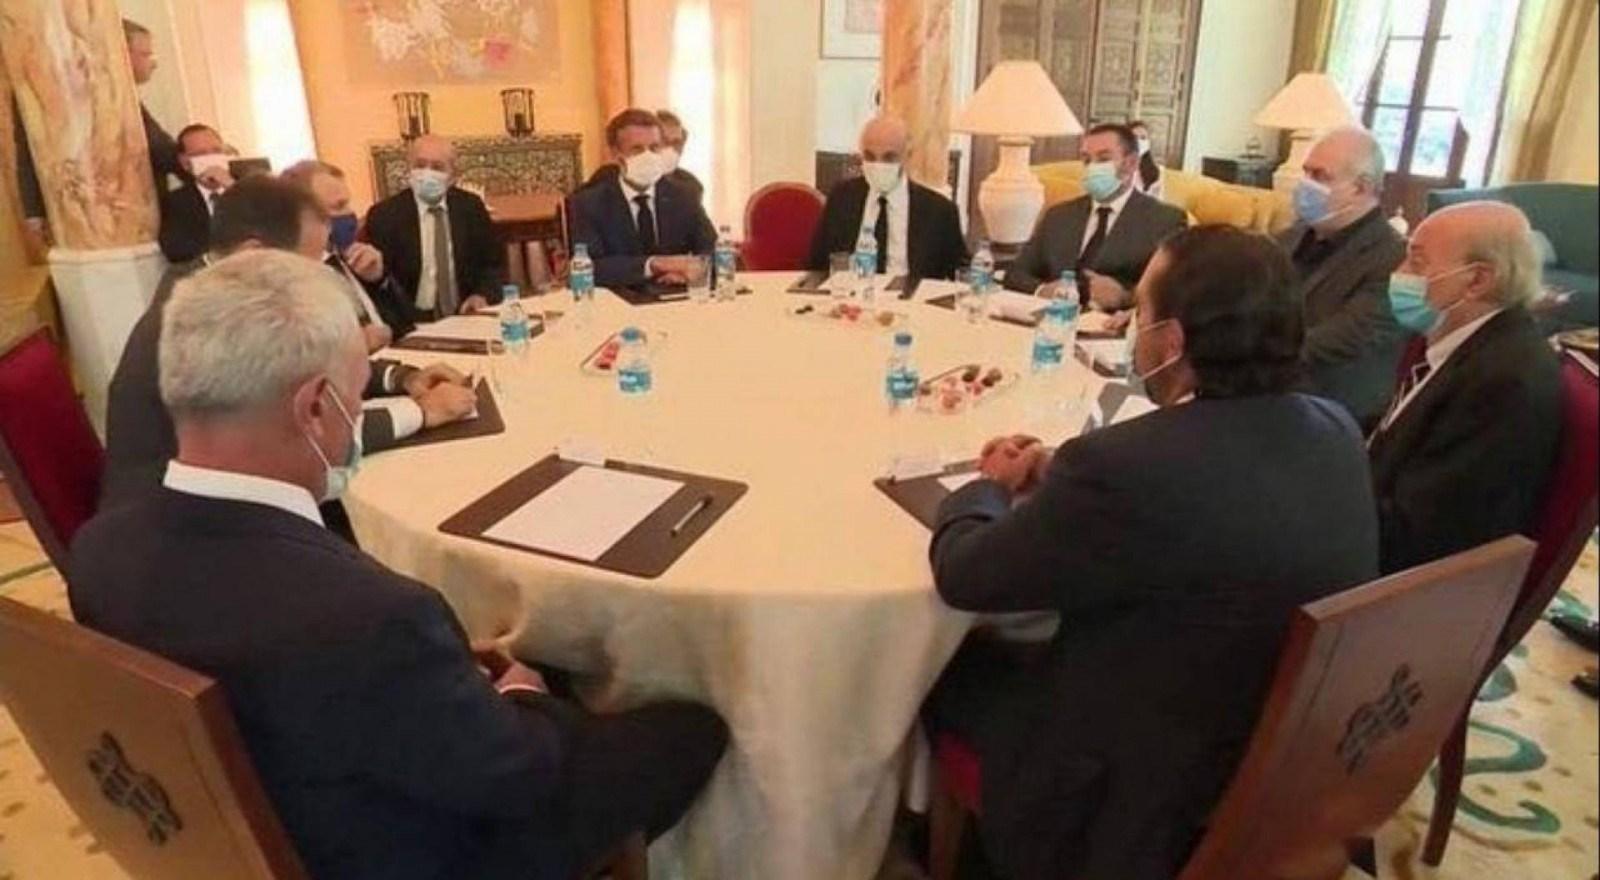 مصادر للميادين: ماكرون أقنع ترامب مرحلياً بالتعامل بواقعية مع التوازنات الشعبية والسياسية في لبنان